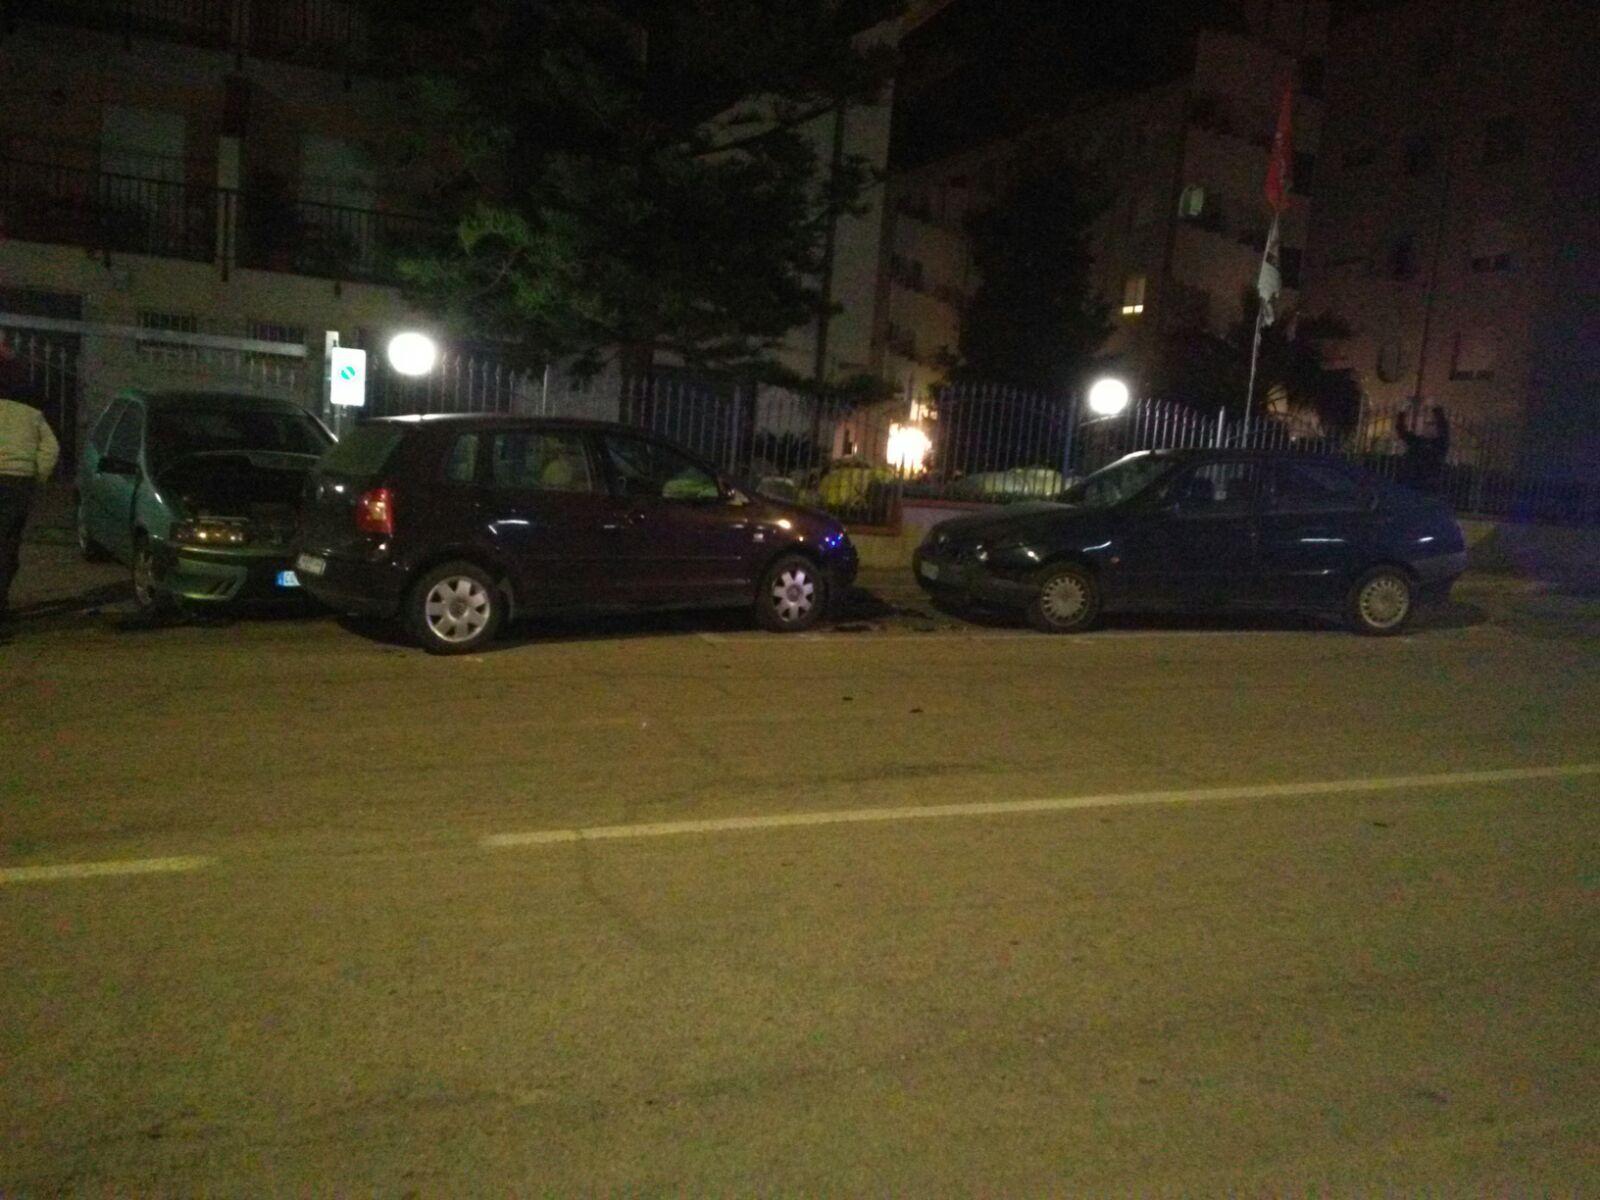 Ubriaco al volante fa fuori alcune auto in sosta